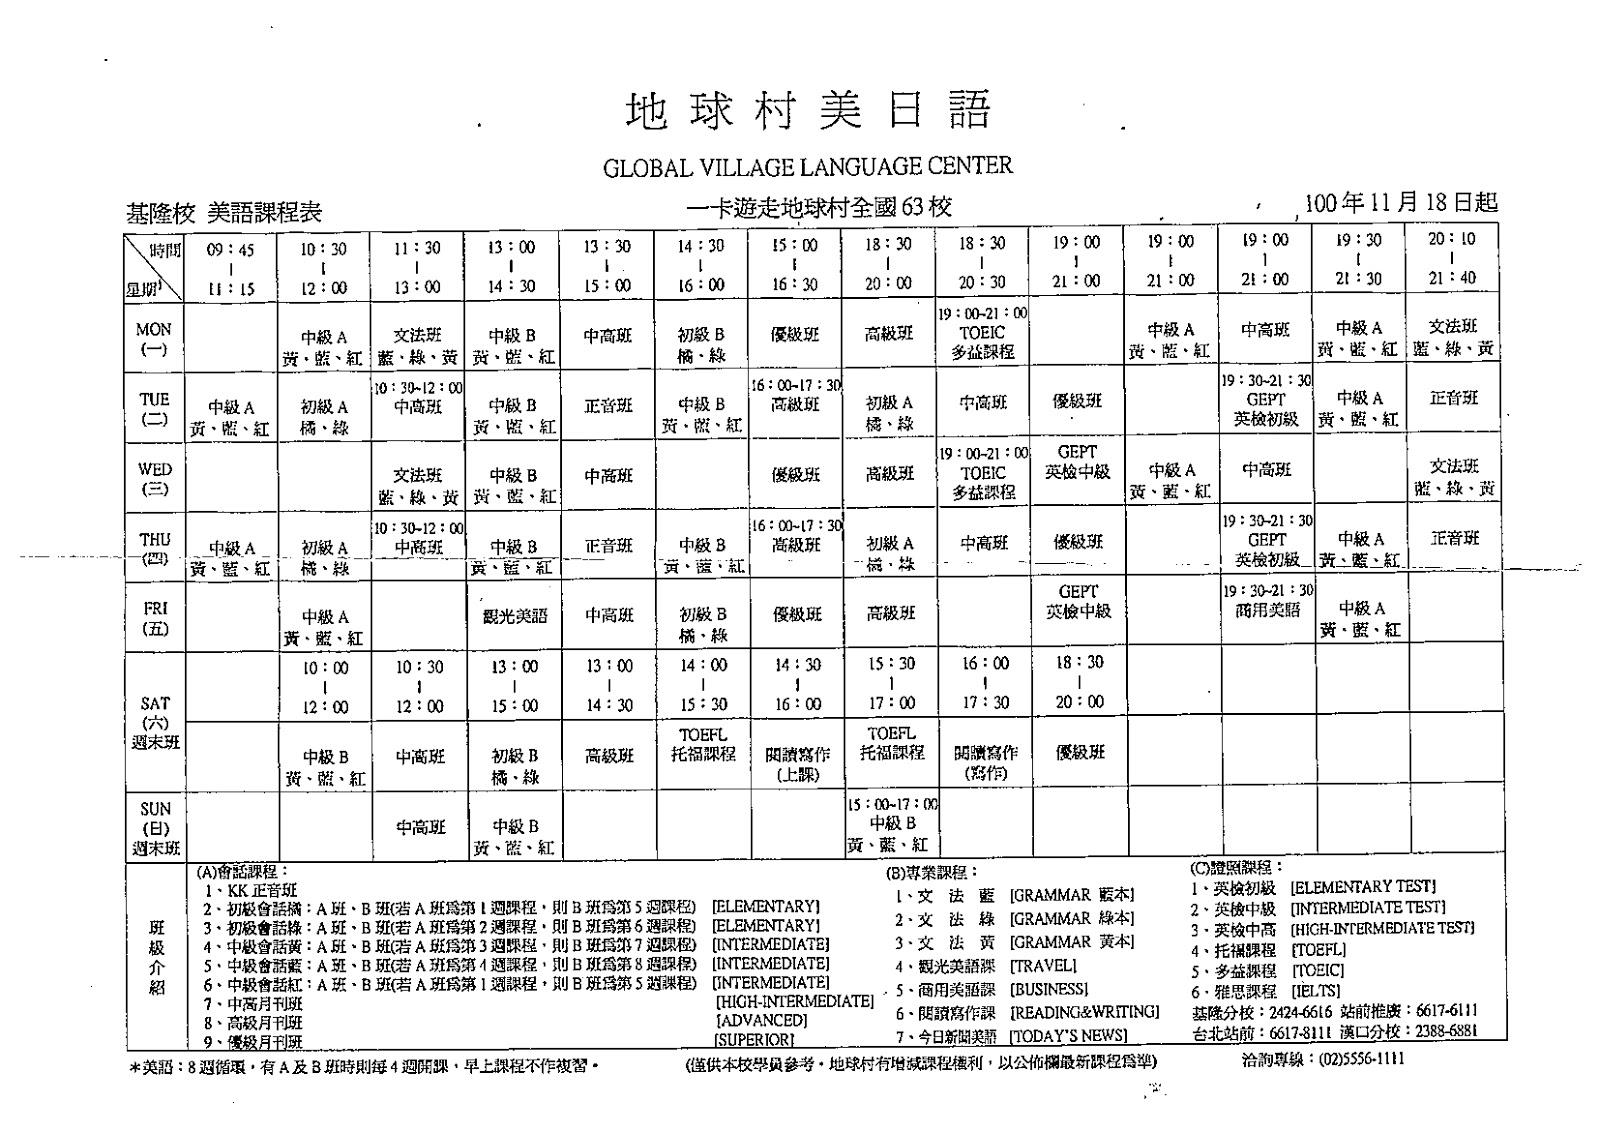 人生七劃: 【地球村美語】北部地區-英語-基隆-課表-2012